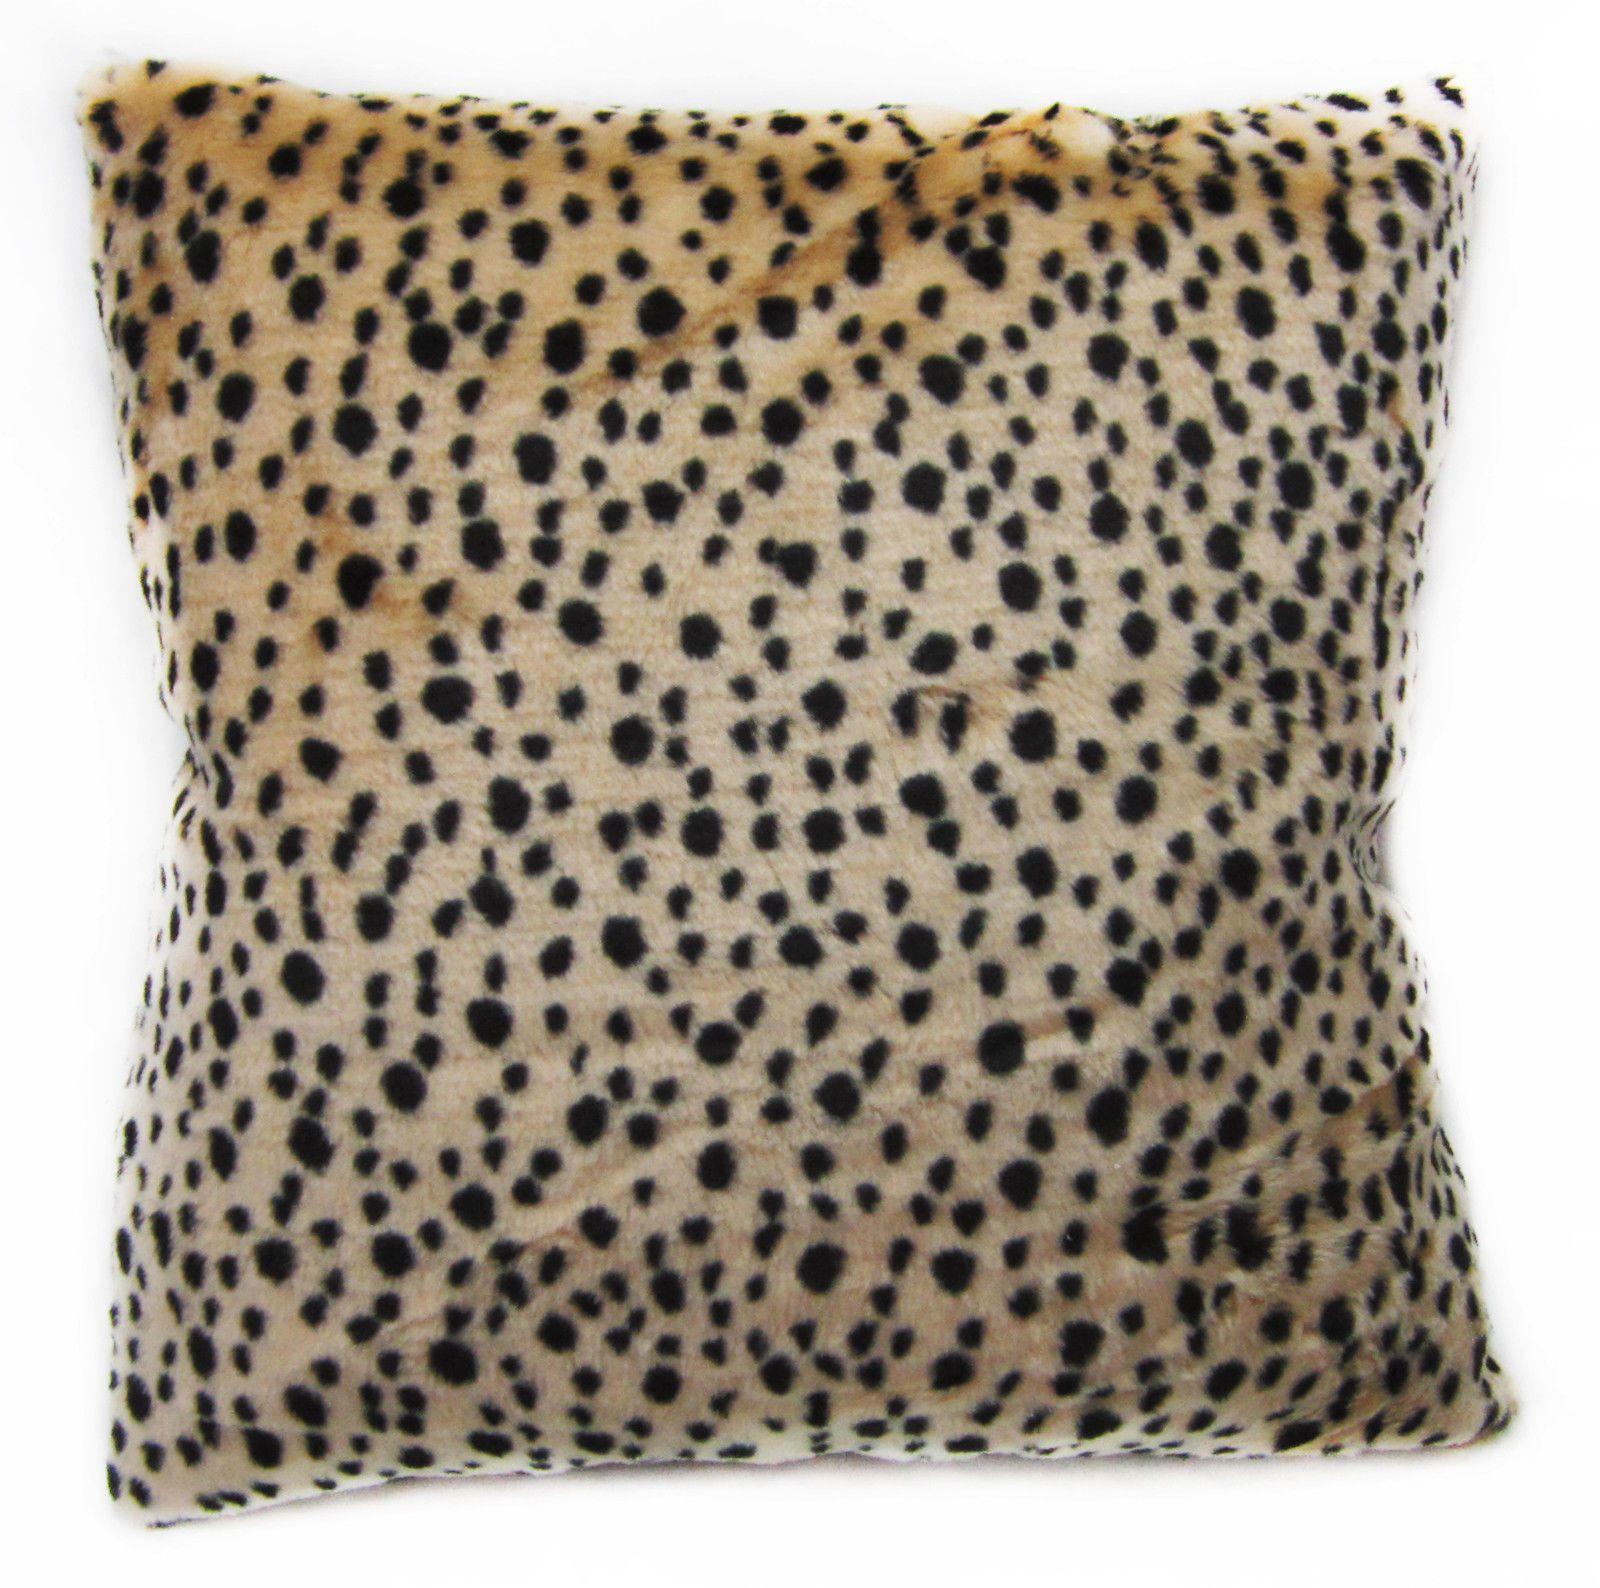 Fi18a Light Peach Black Leopard Pattern Faux Fur Cushion Cover ...